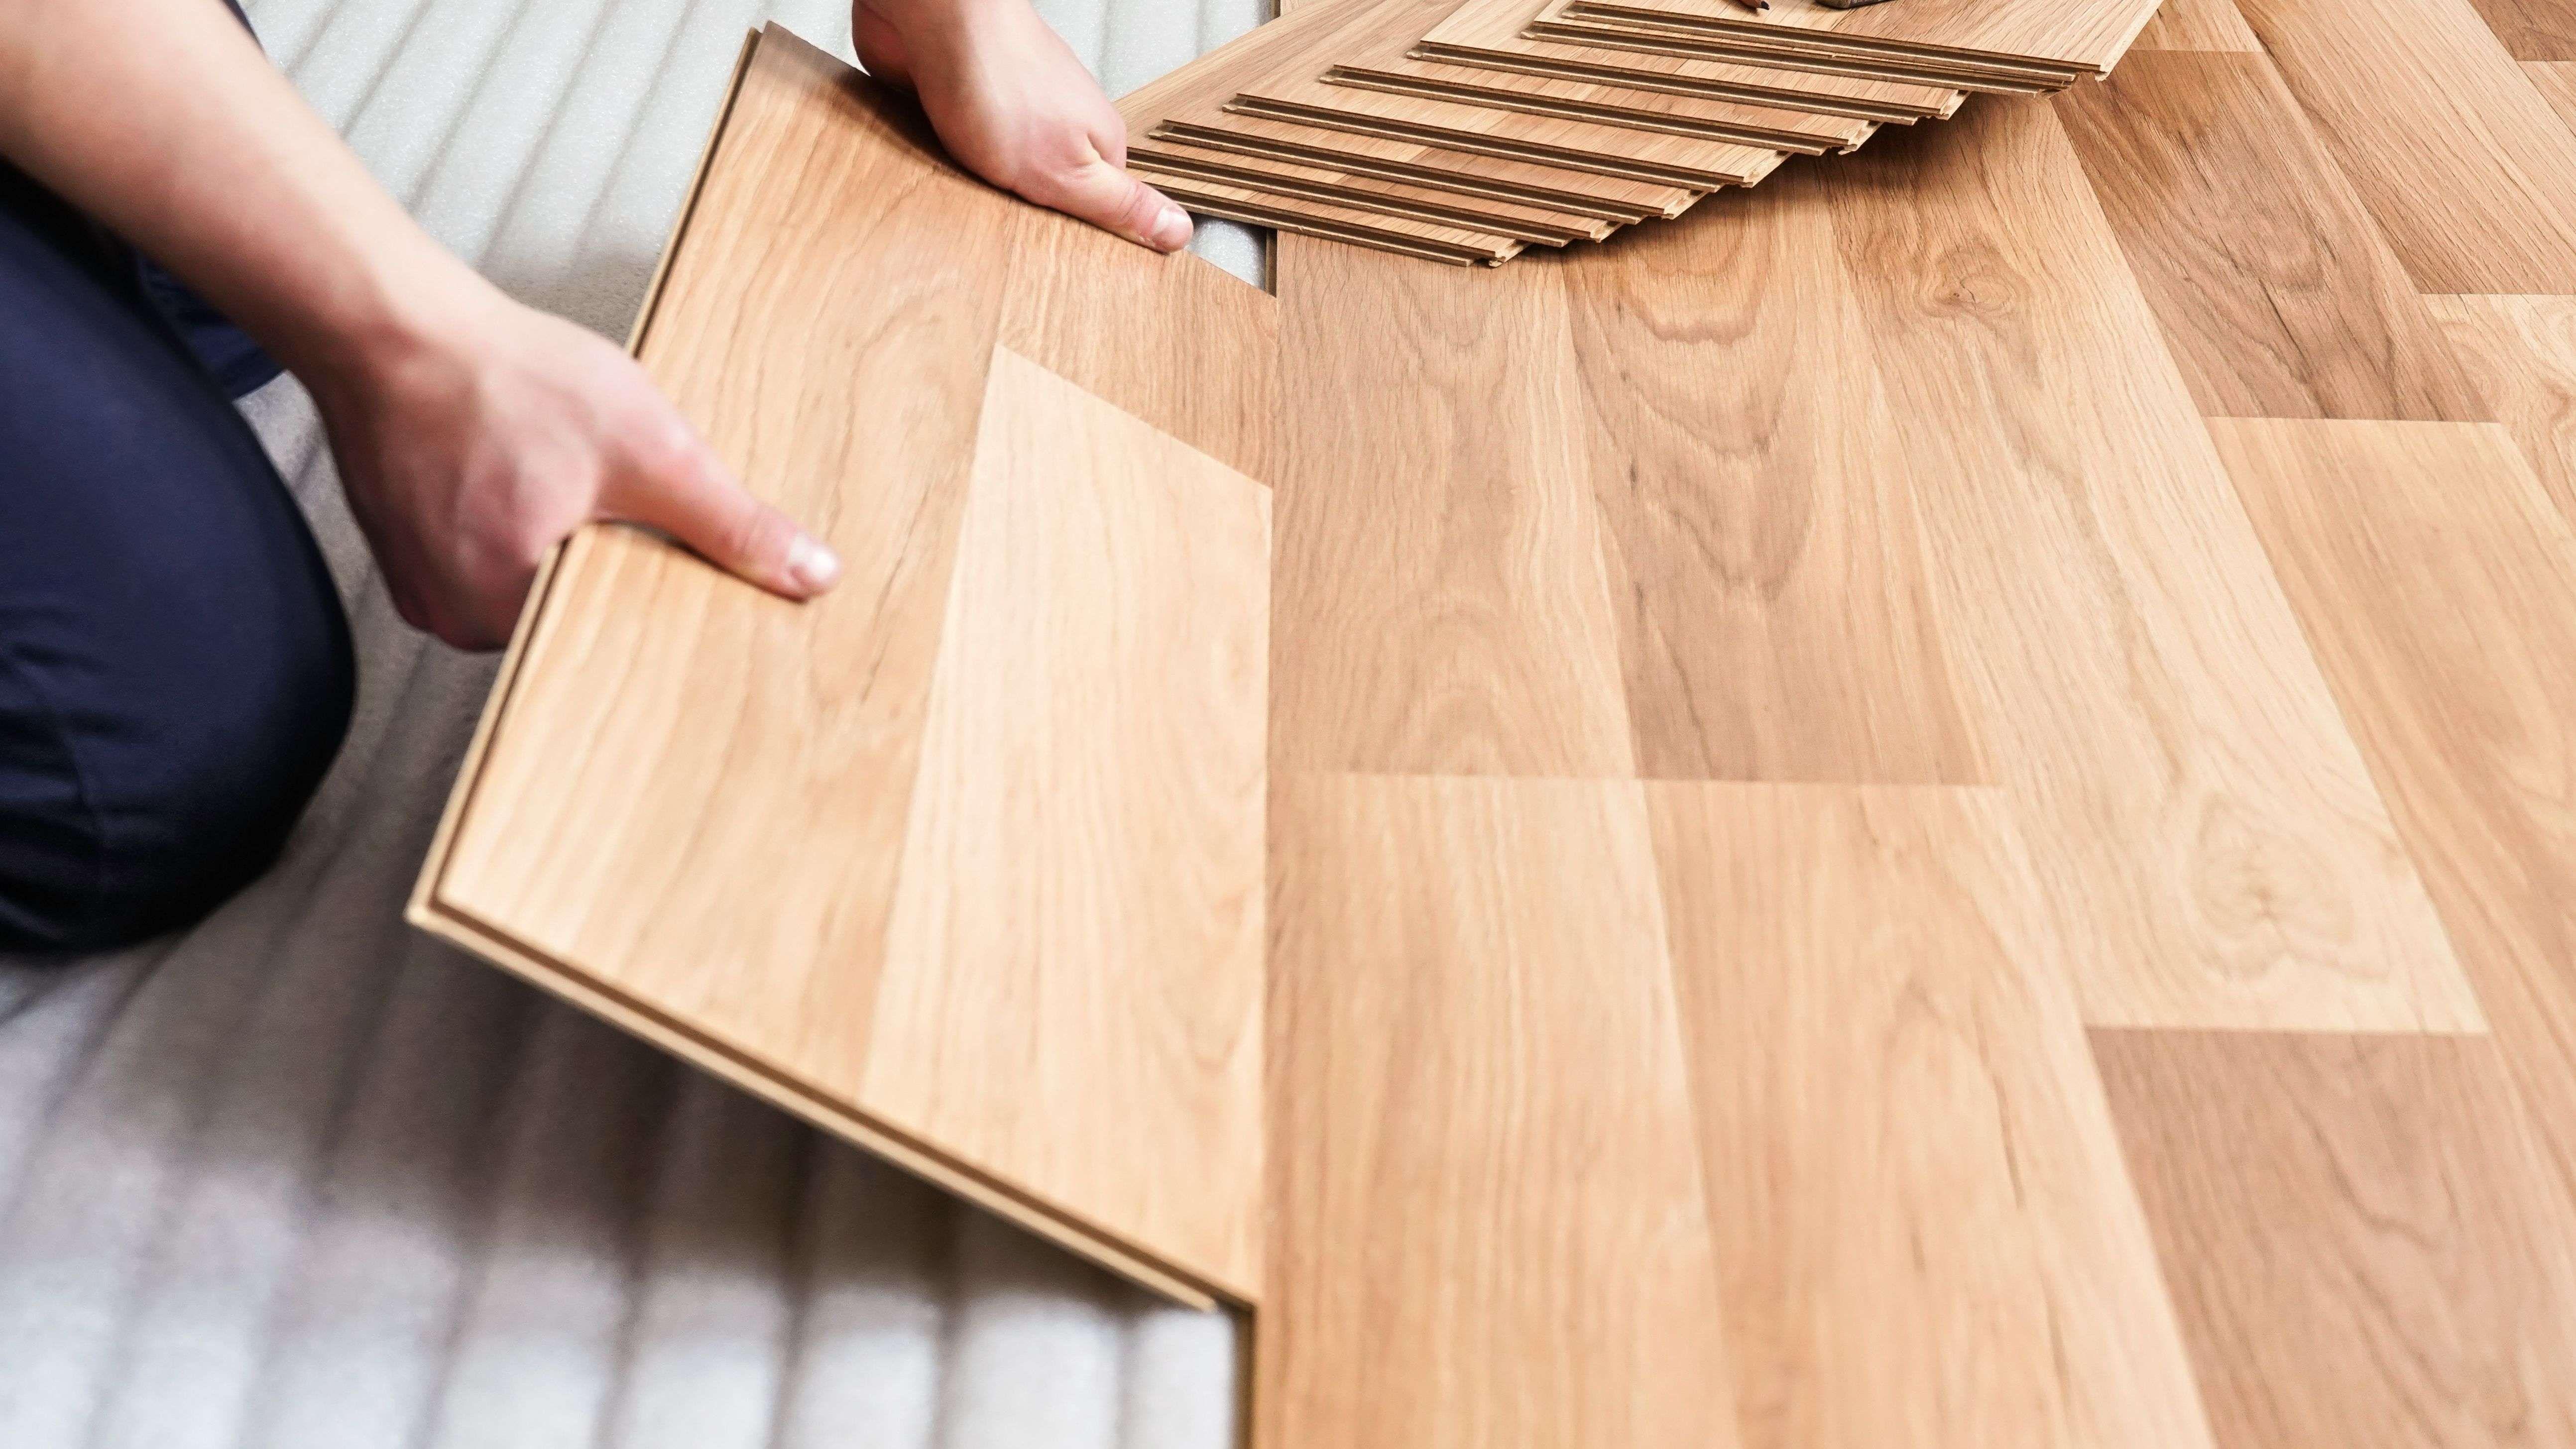 Come scegliere un rivestimento per pavimenti